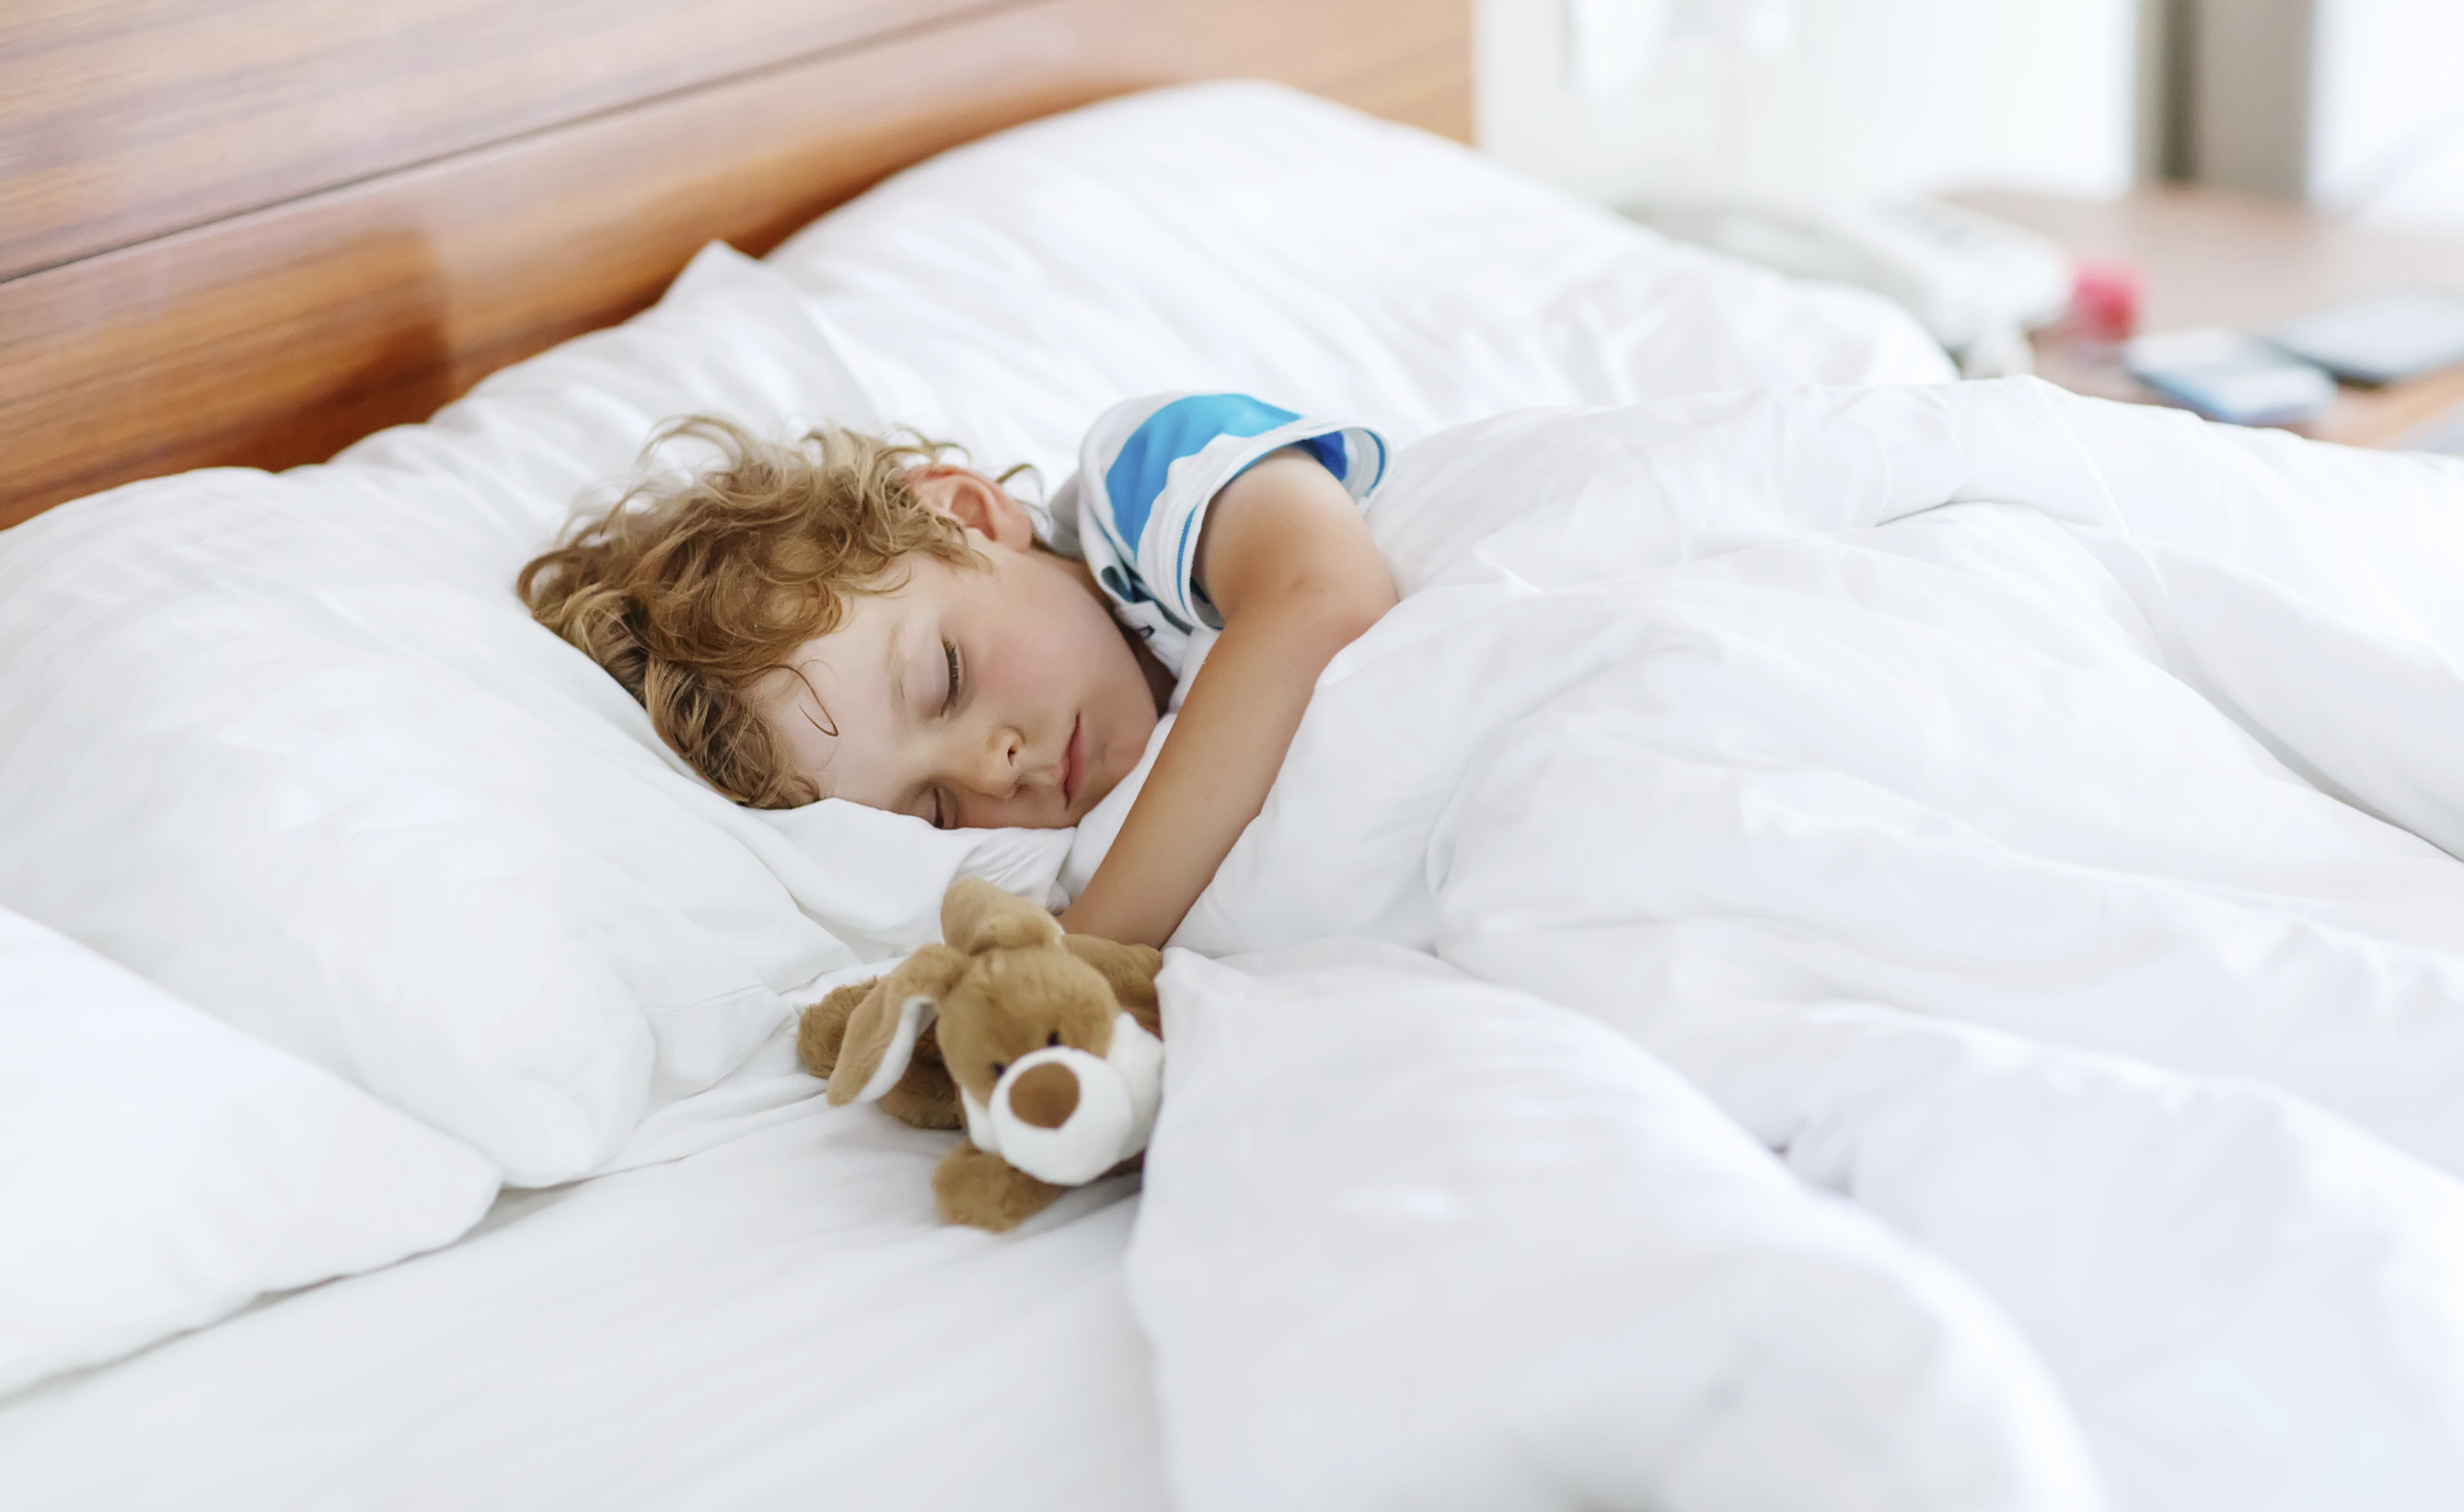 Quante ore bisogna dormire per star bene?